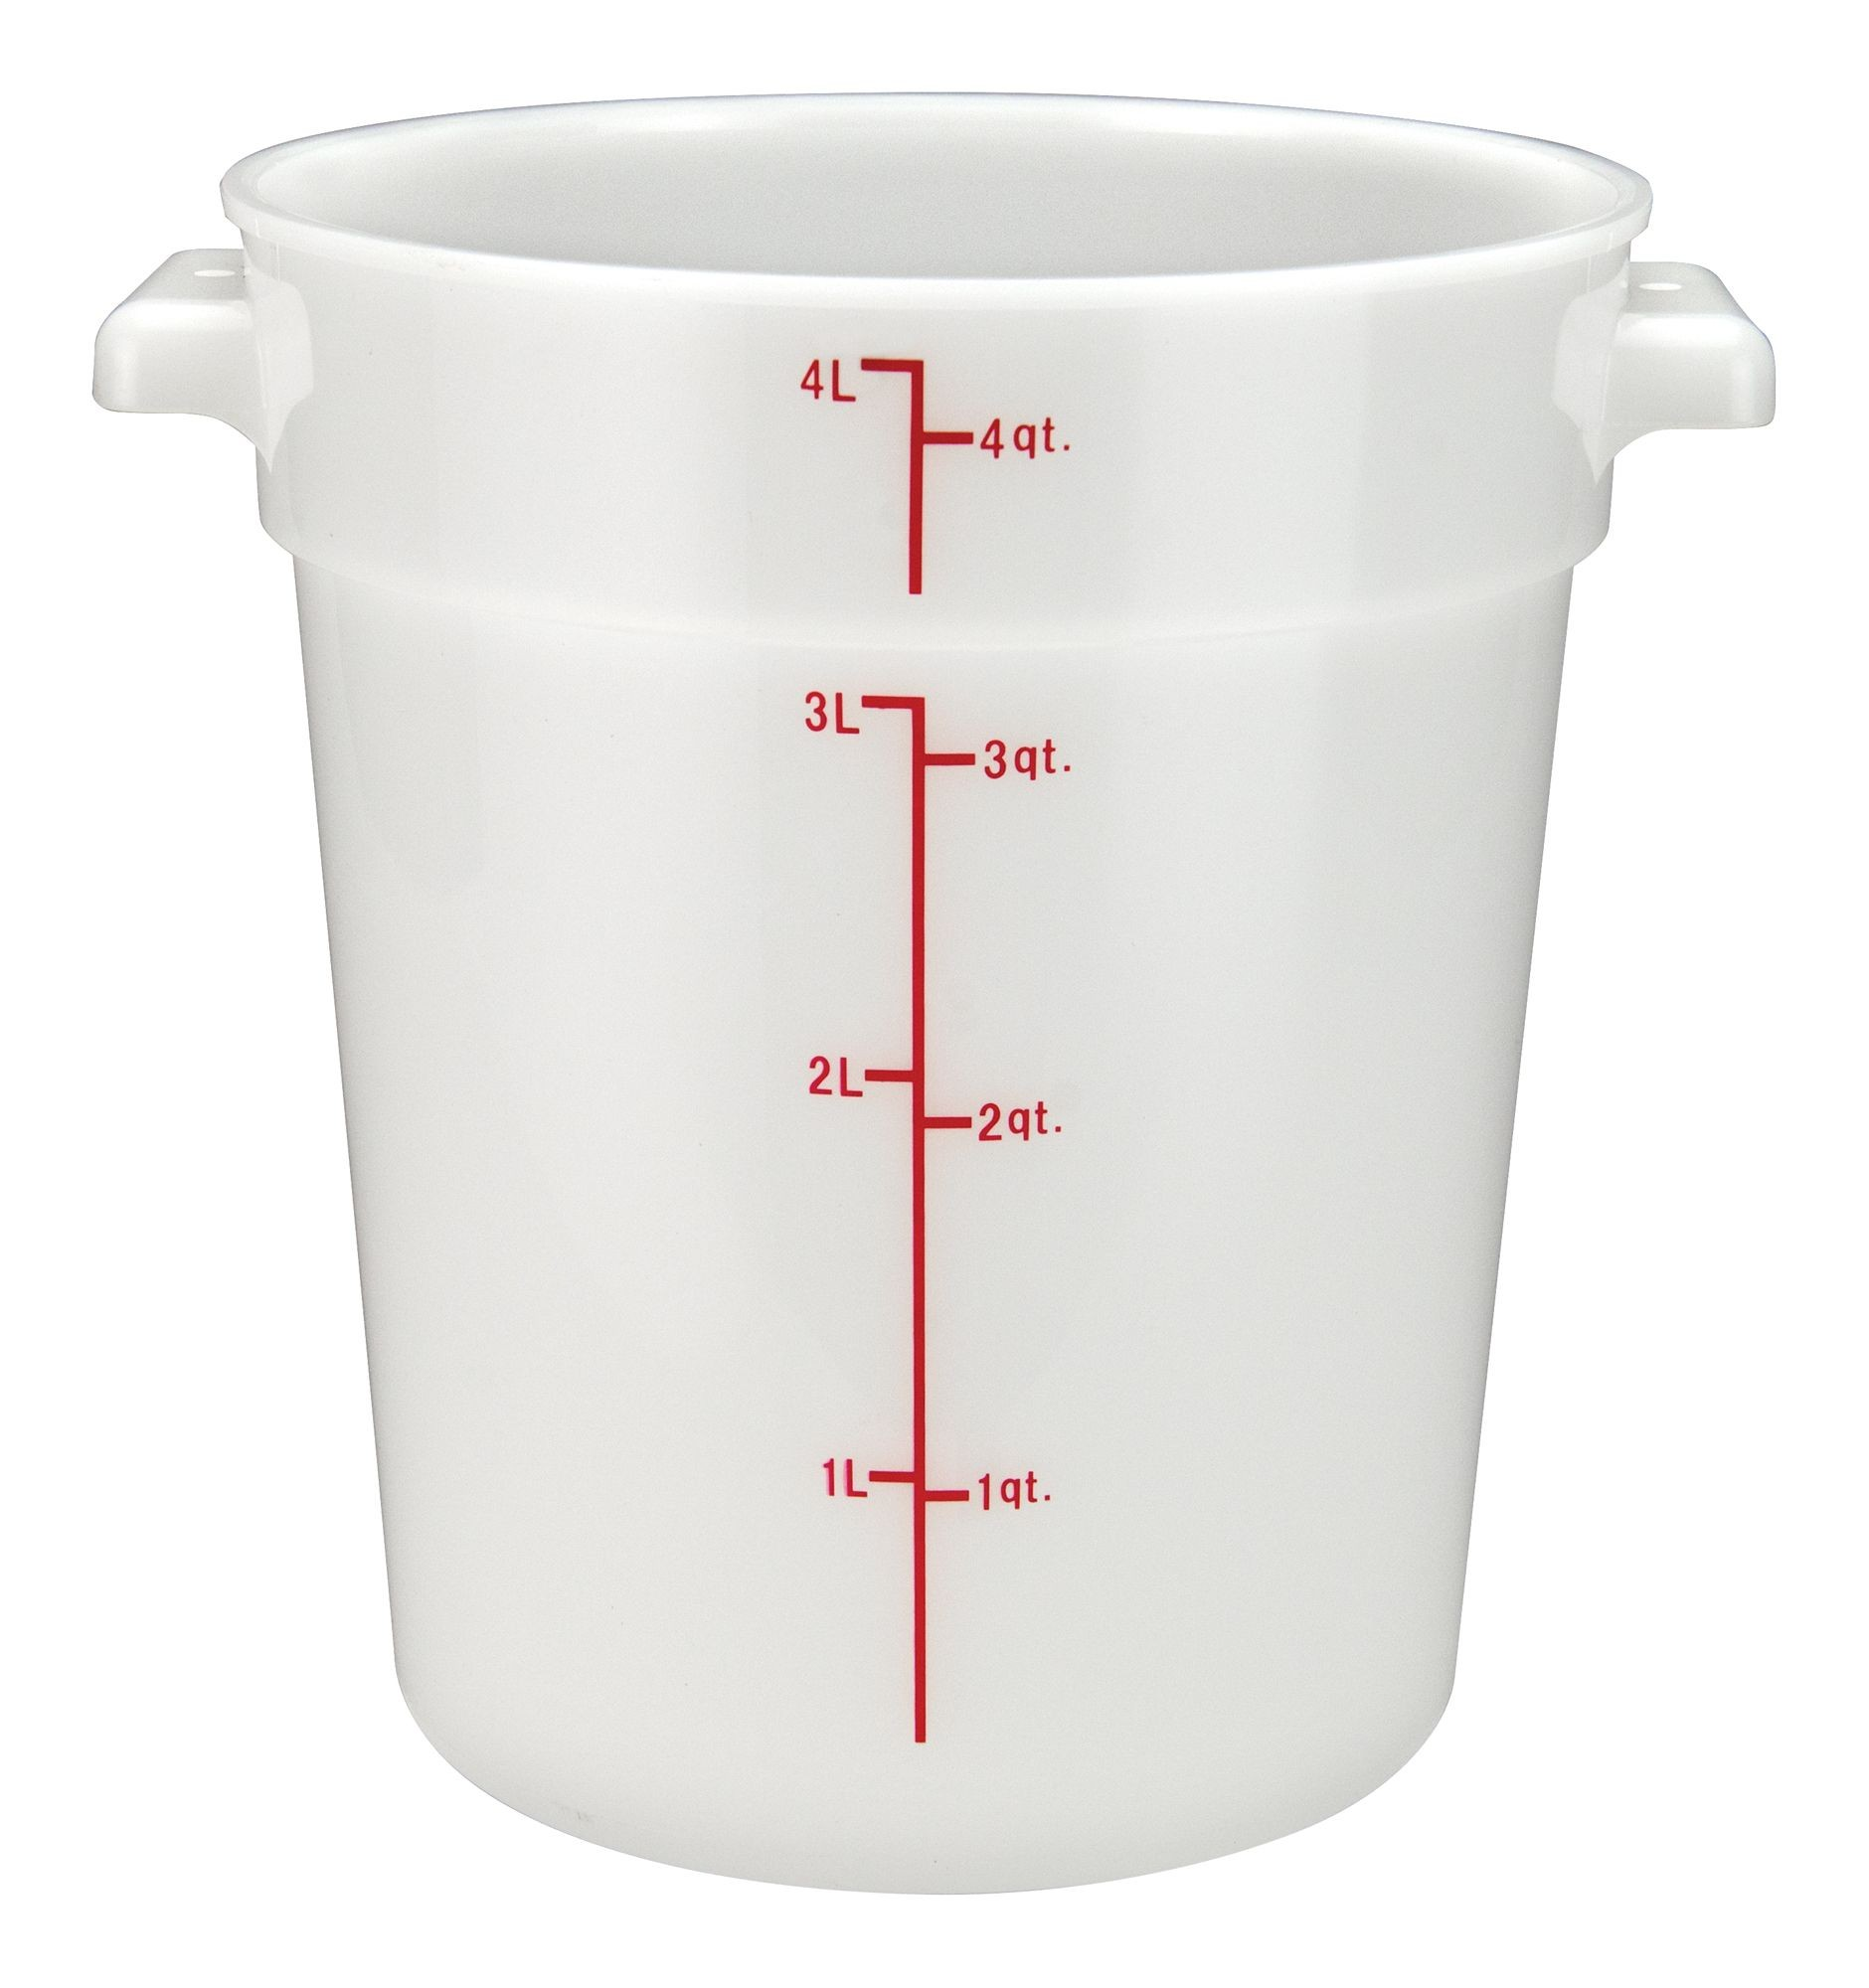 Winco rc-4w White Round Storage Container, 4 Qt.